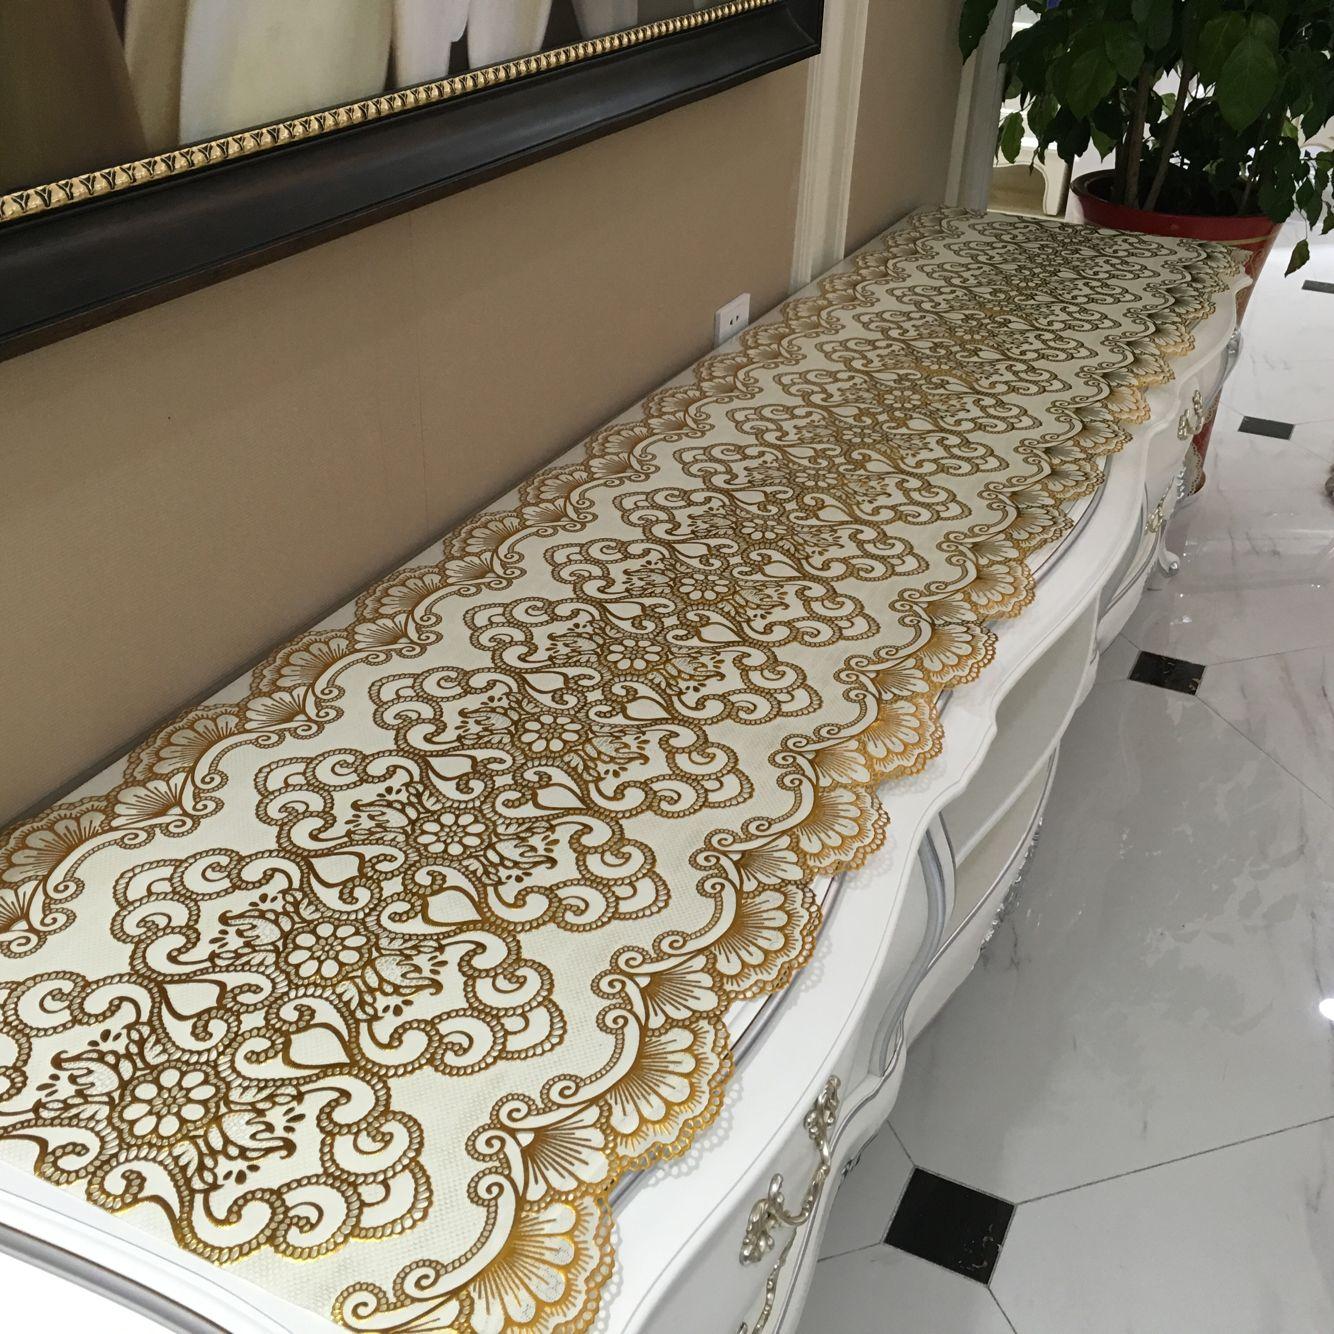 pvc餐桌布茶几装饰垫 镂空免洗台布电视柜垫欧式电视柜桌布